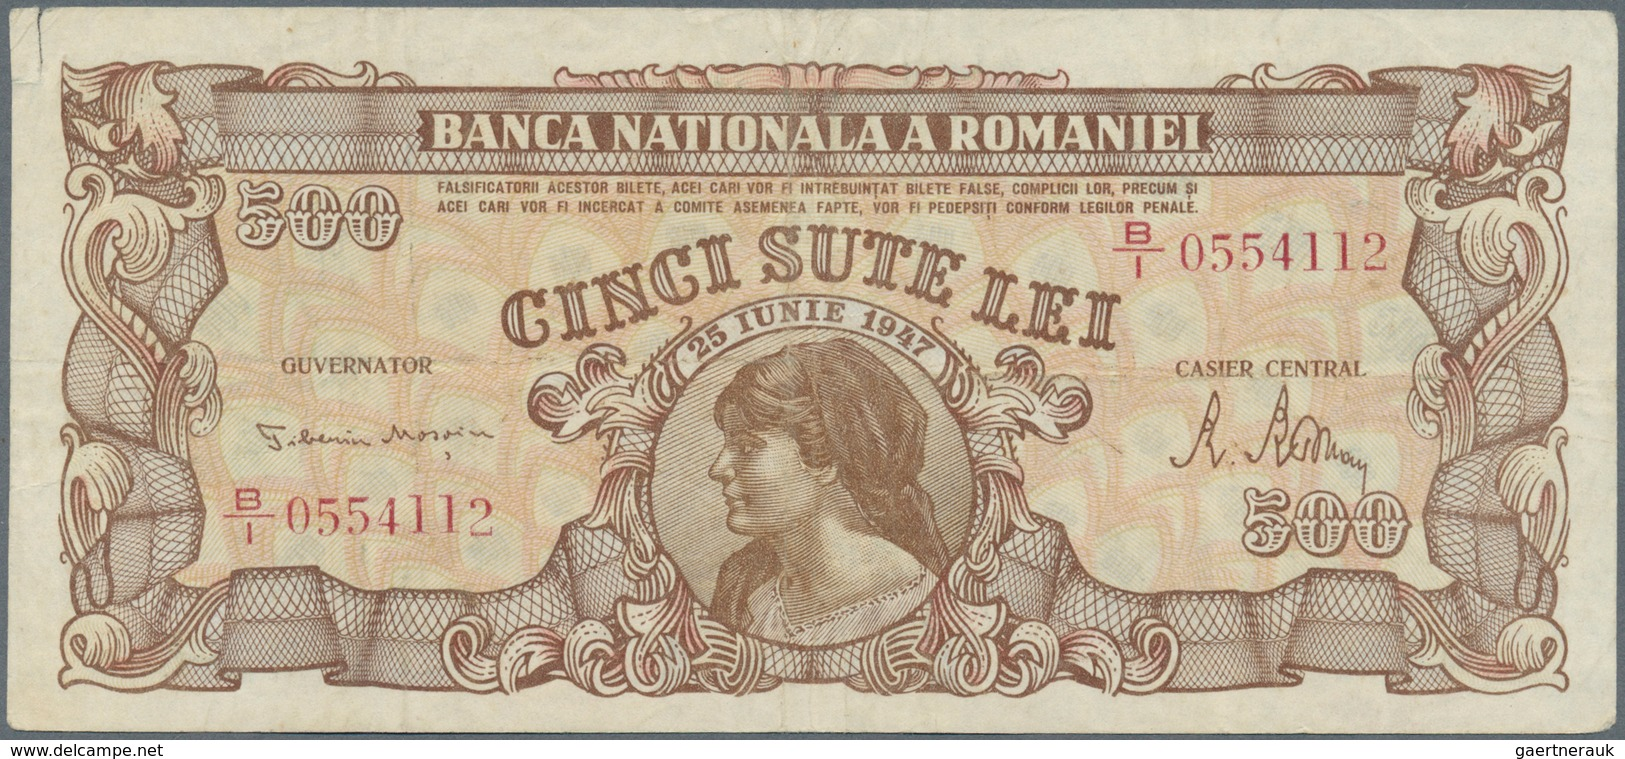 Romania / Rumänien: Banca Naţională A României 500 Lei 1947, P.63, Seldom Offered Note With Small Te - Rumänien